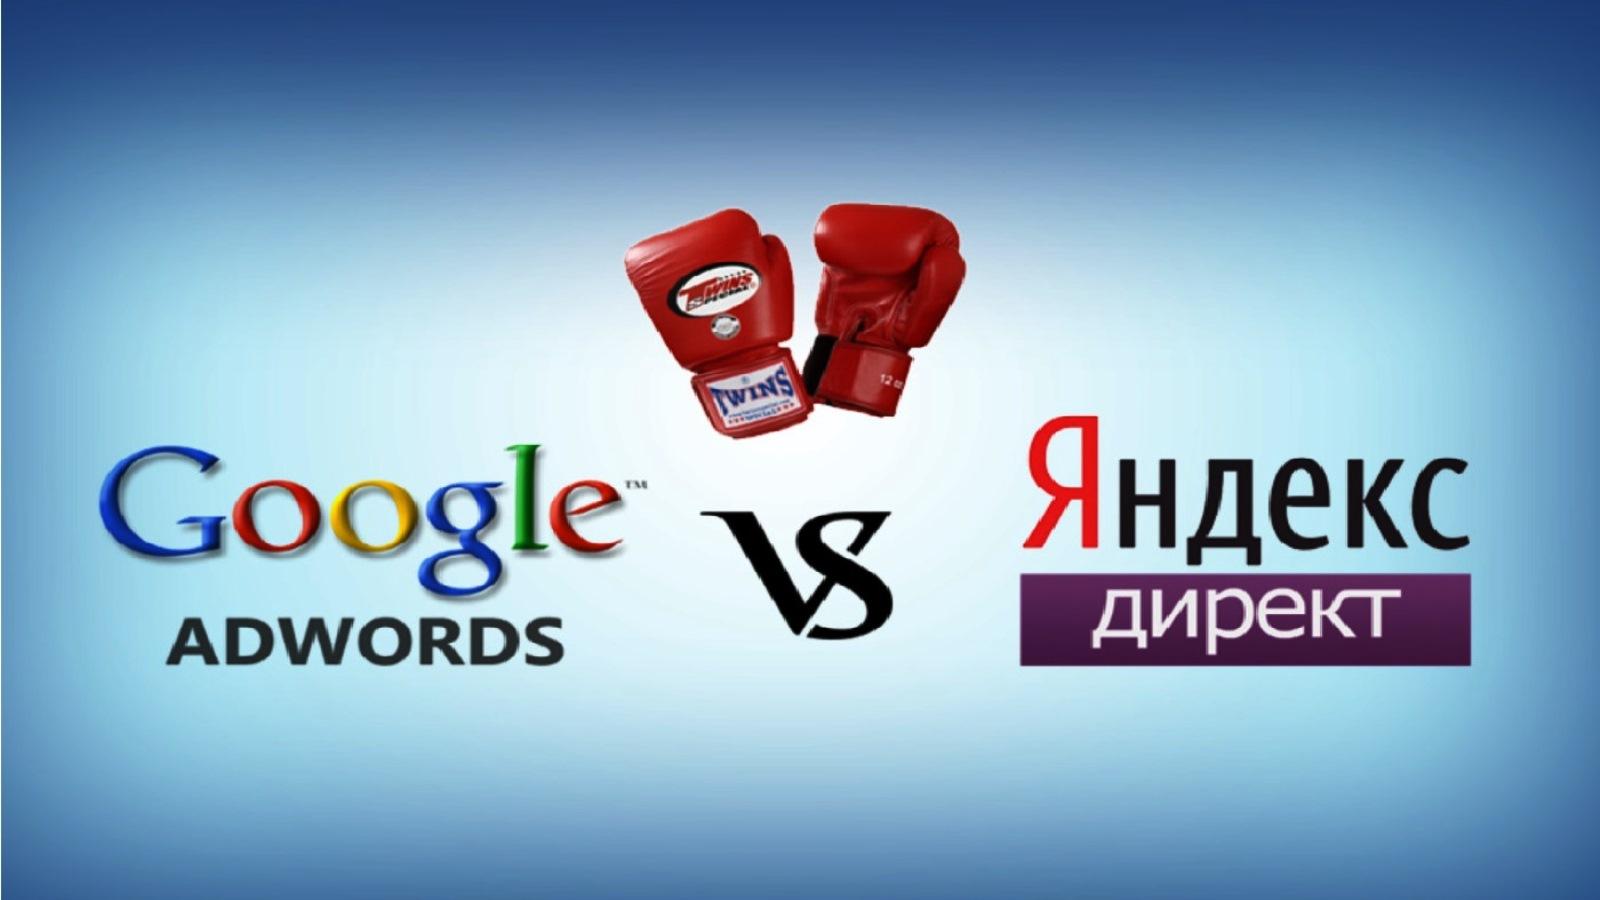 Yandex и Google, предлагающие, соответственно, два продукта. В том, какой из них лучше по мнению специалиста,Яндекс.Директ или Google Ads, мы и поговорим в рамках данного материала